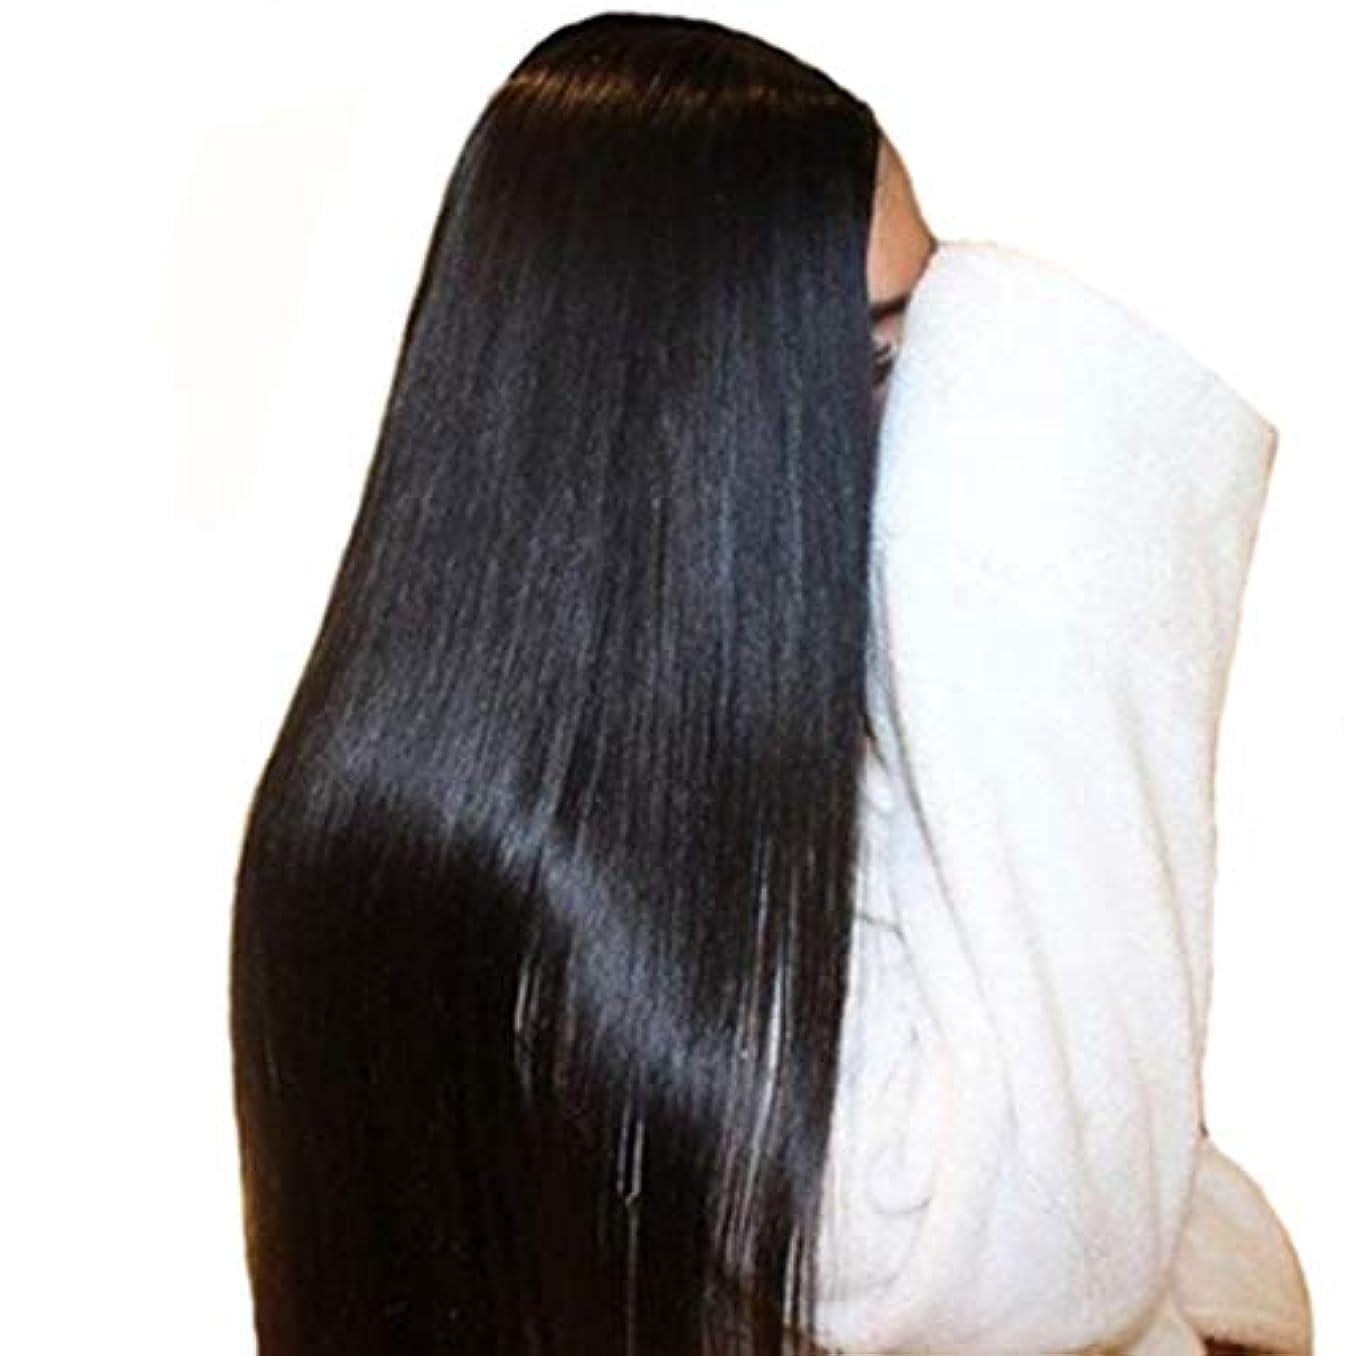 データ技術曲線Summerys 女性の女の子のための黒の長いストレートウィッグ高温線材